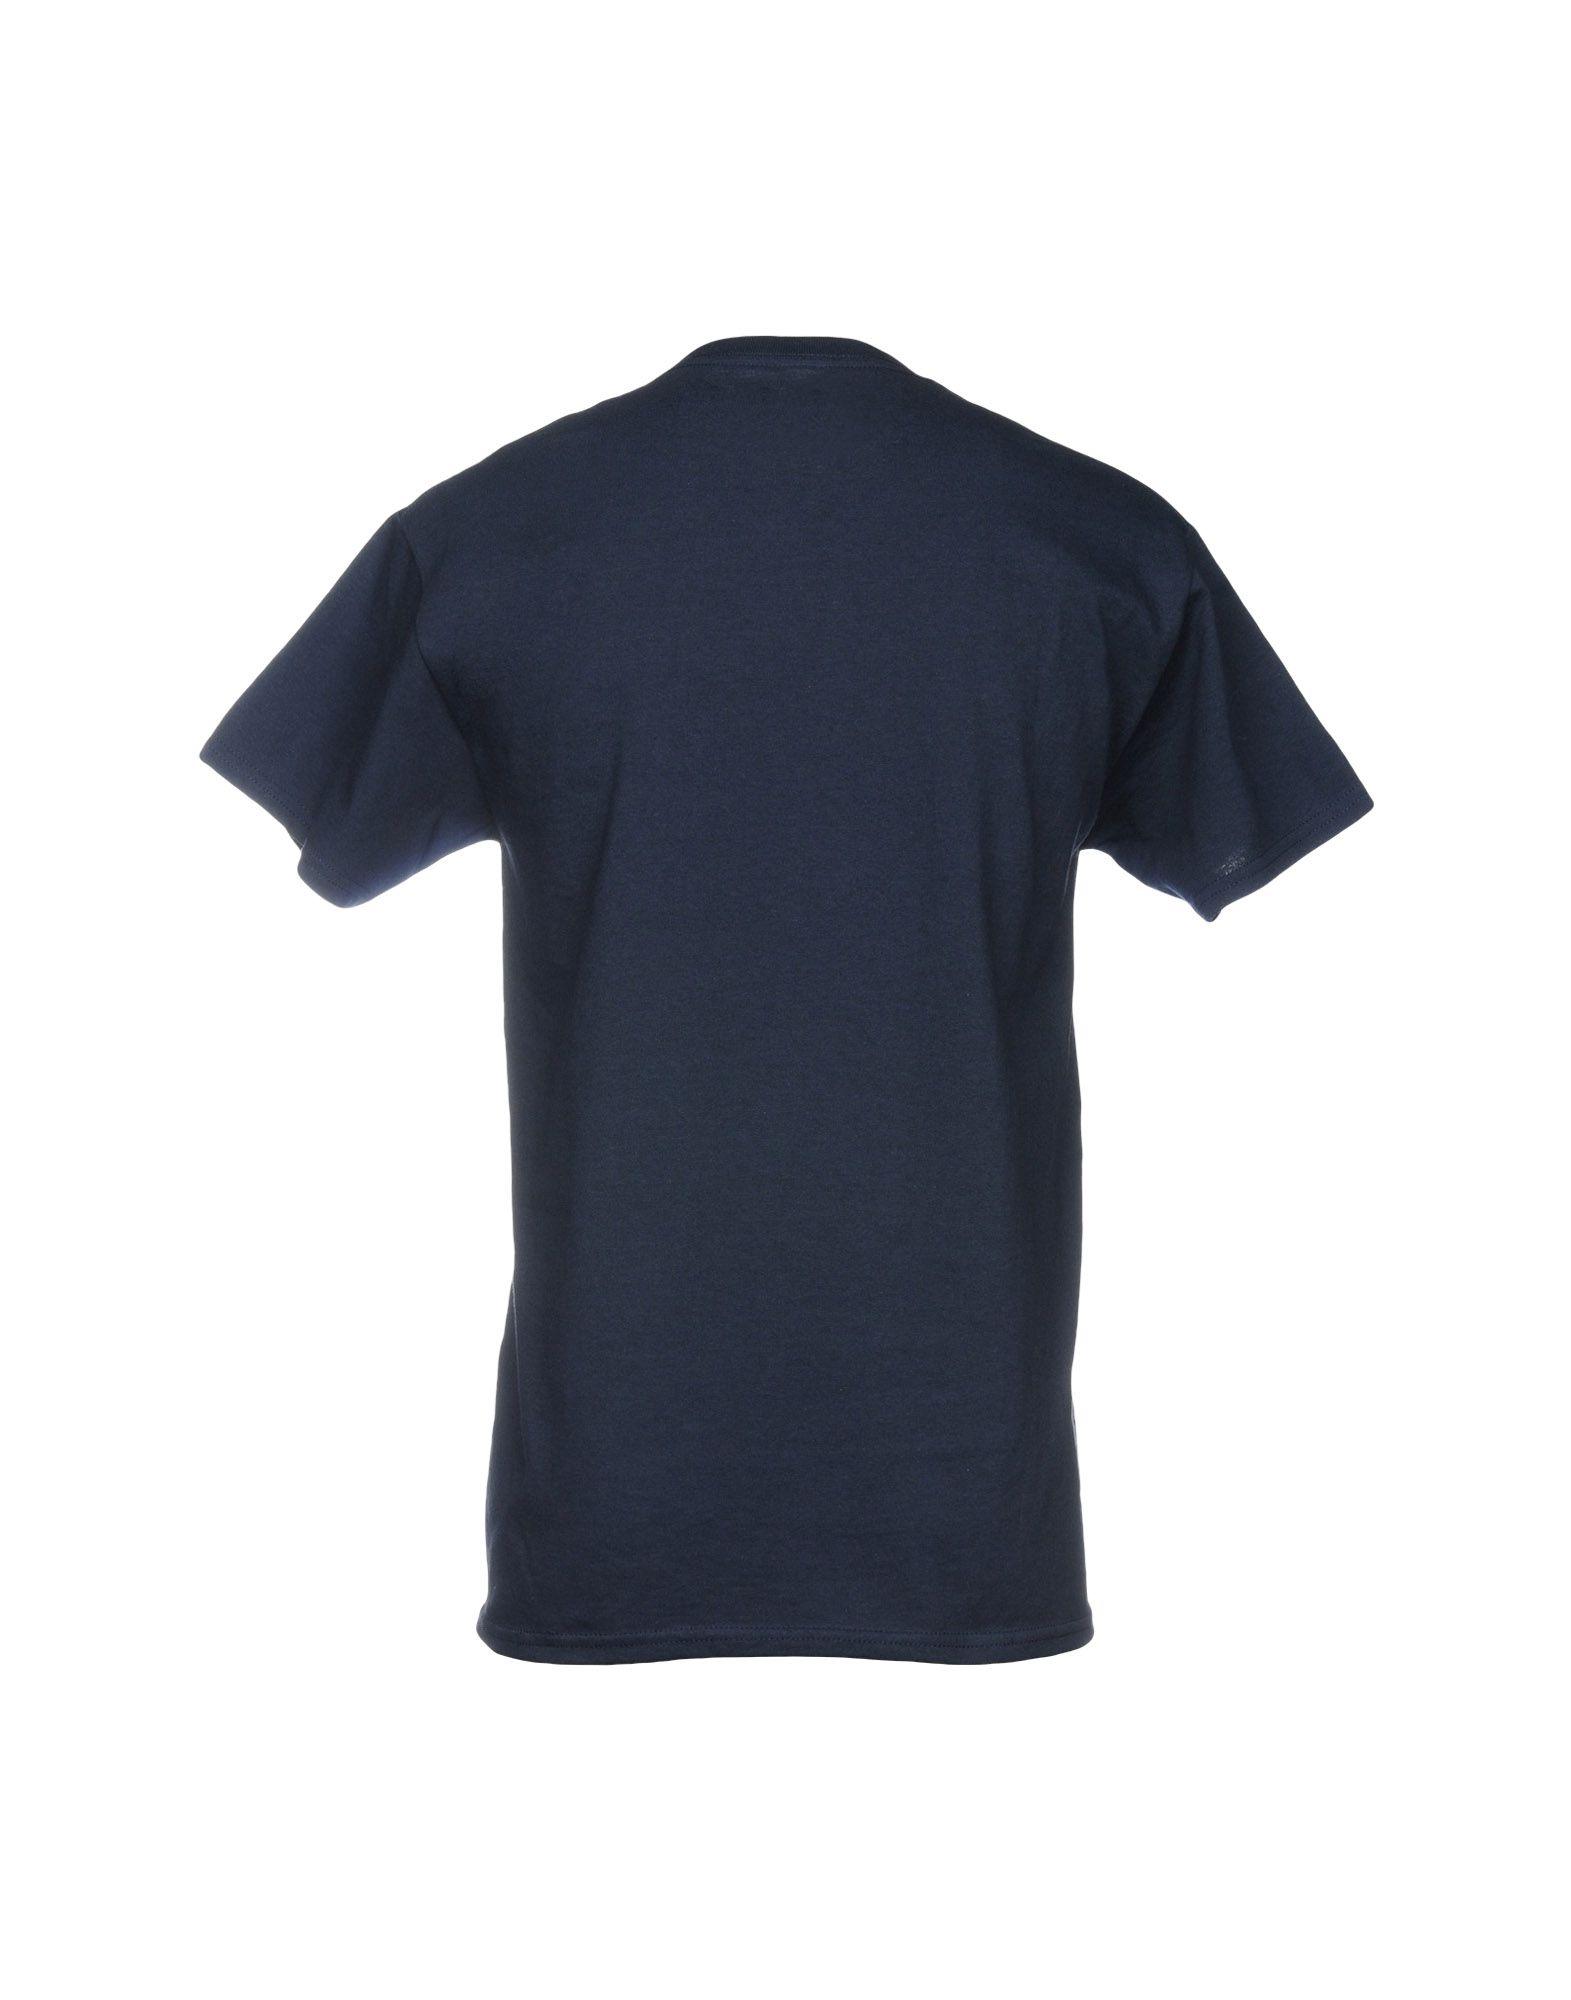 T-Shirt The Uomo Editor Uomo The - 12132054SJ 937b2e